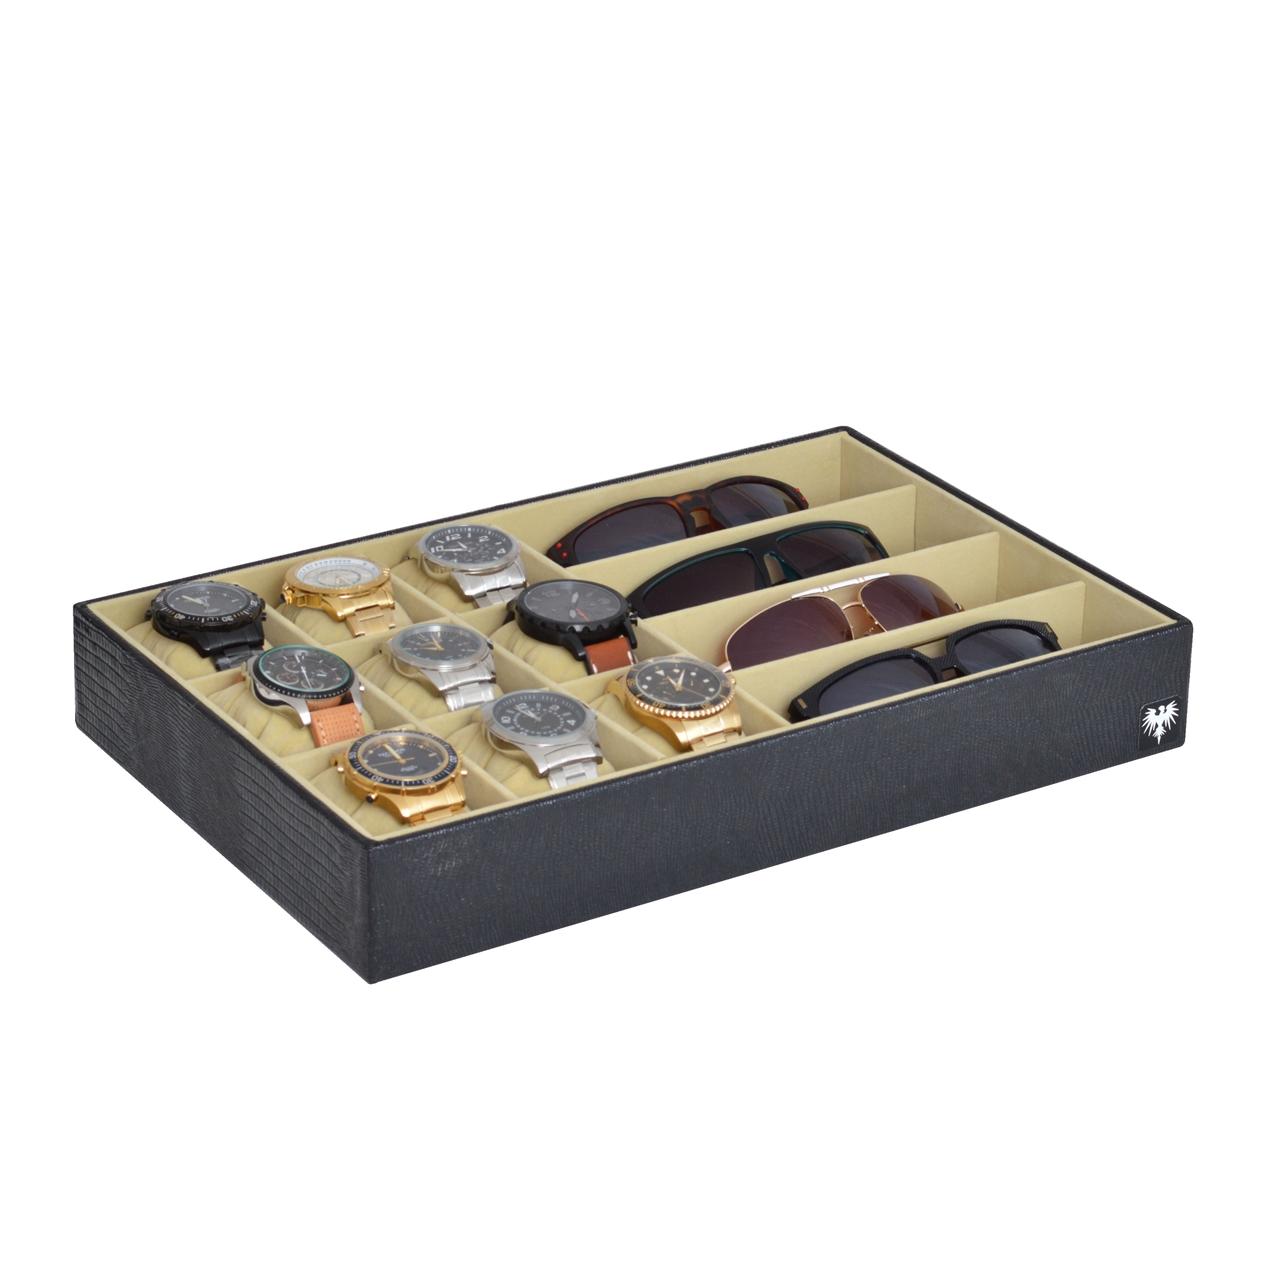 bandeja-couro-ecologico-9-relogios-4-oculos-preto-bege-porta-imagem-1.jpg